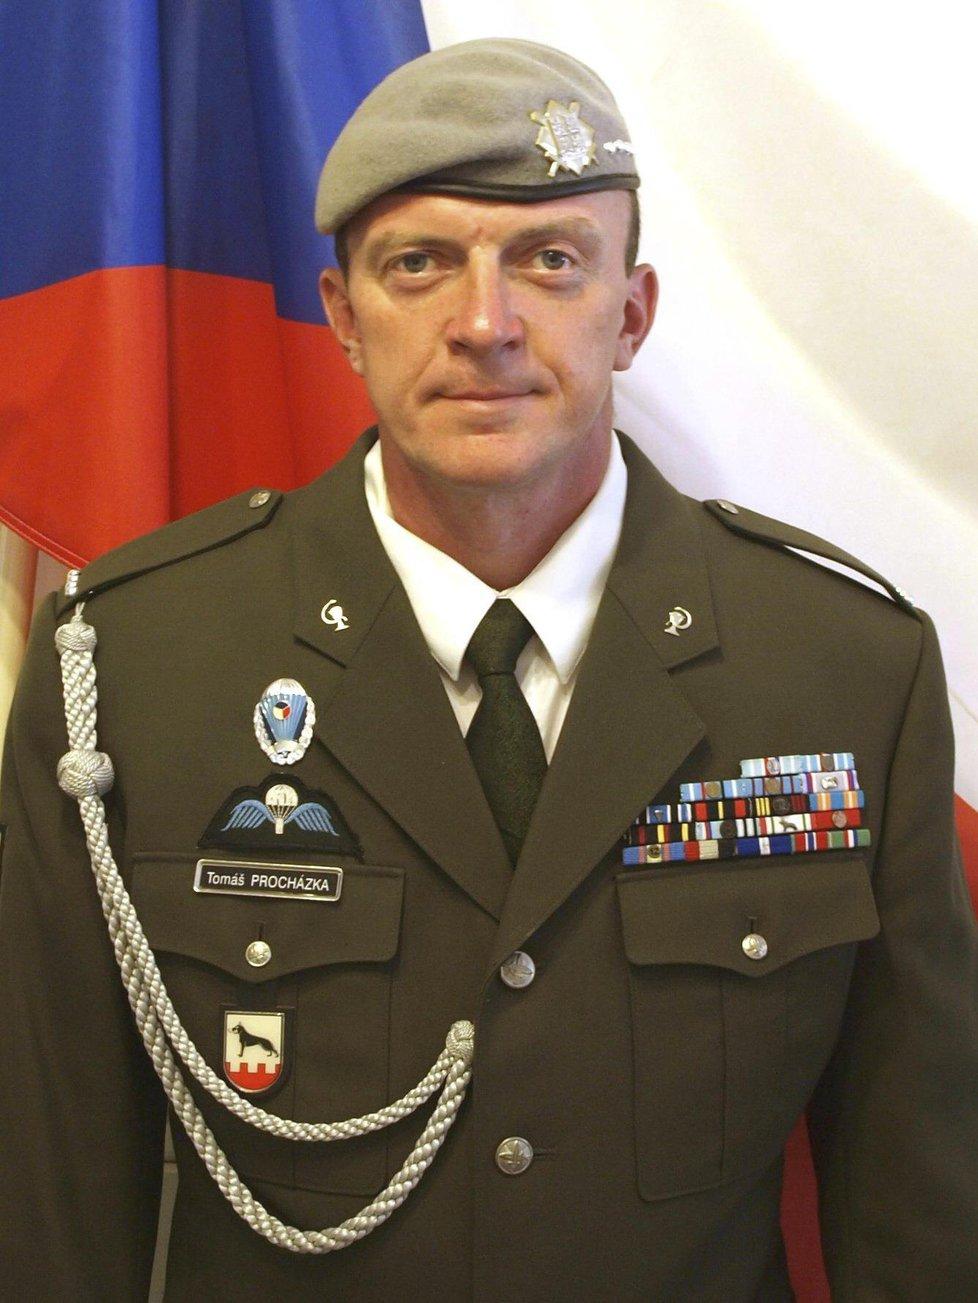 Tomáš Procházka - Medaile Za hrdinství